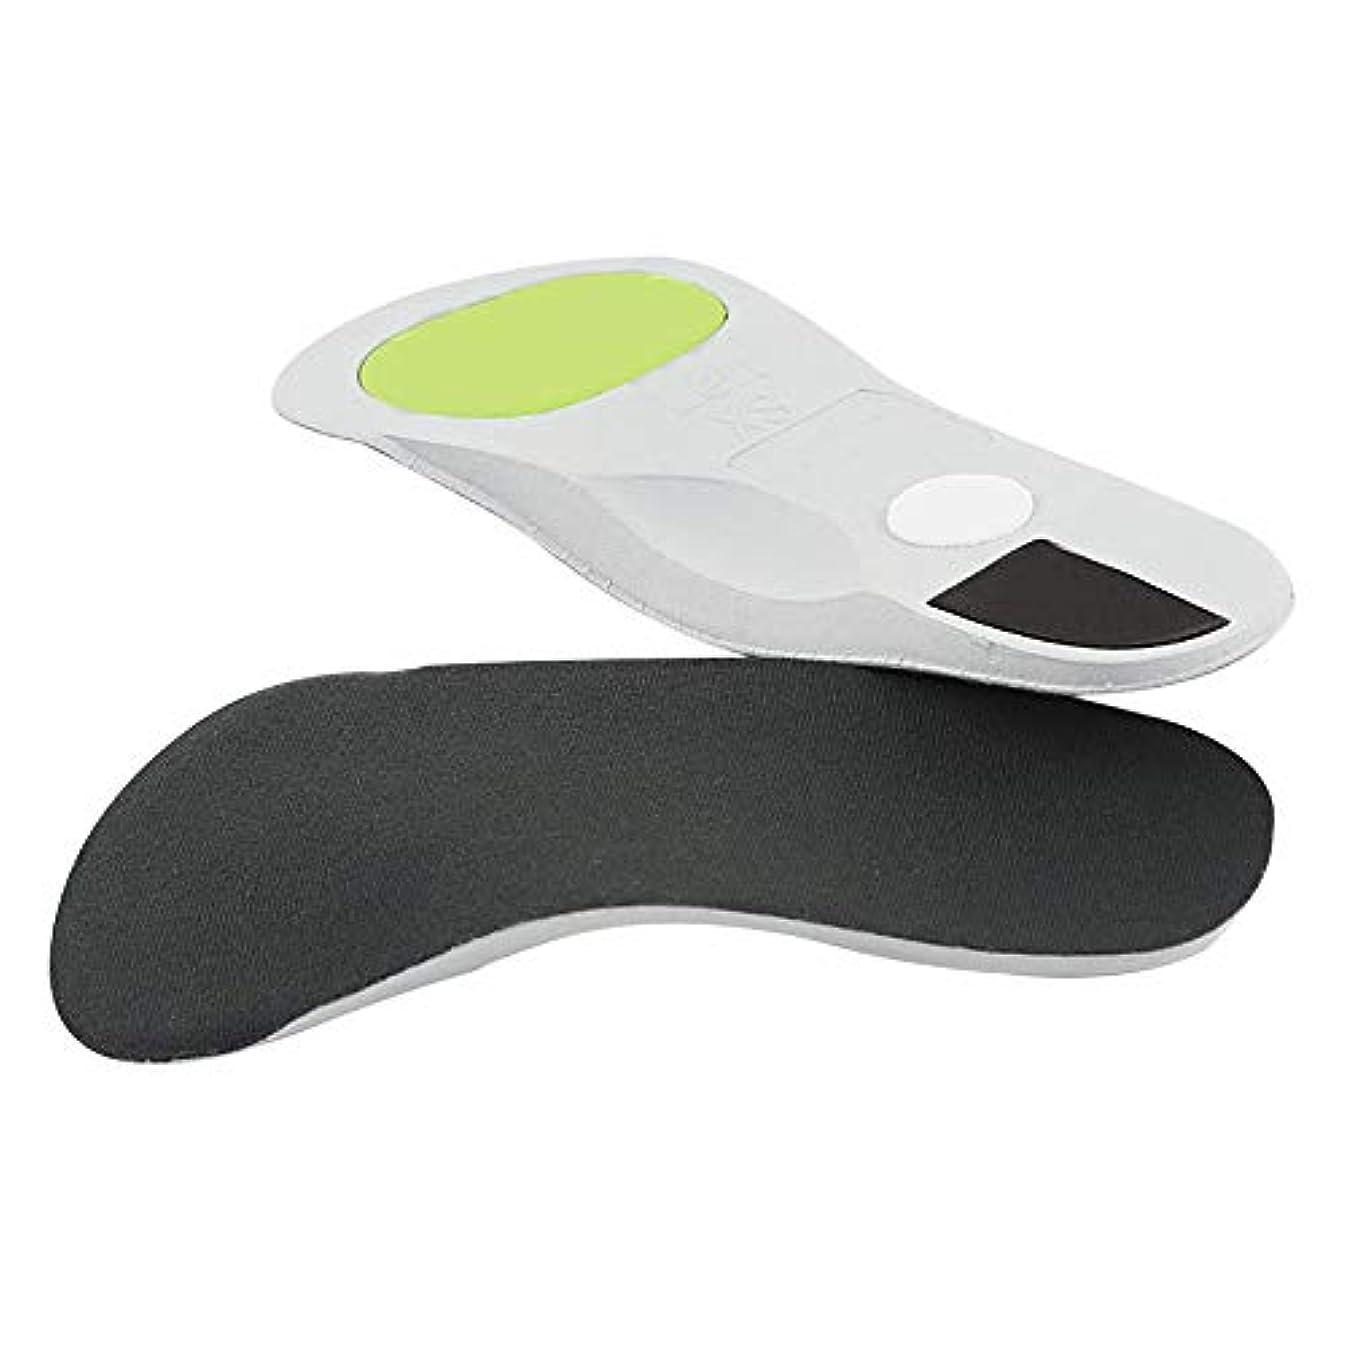 絶縁する鉄道駅調査矯正インソールアーチサポートインソールトリートメントフラットフット足の痛みを和らげますフィットネス、ランニング、テニス用の通気性のある滑り止めアーチヒール,L